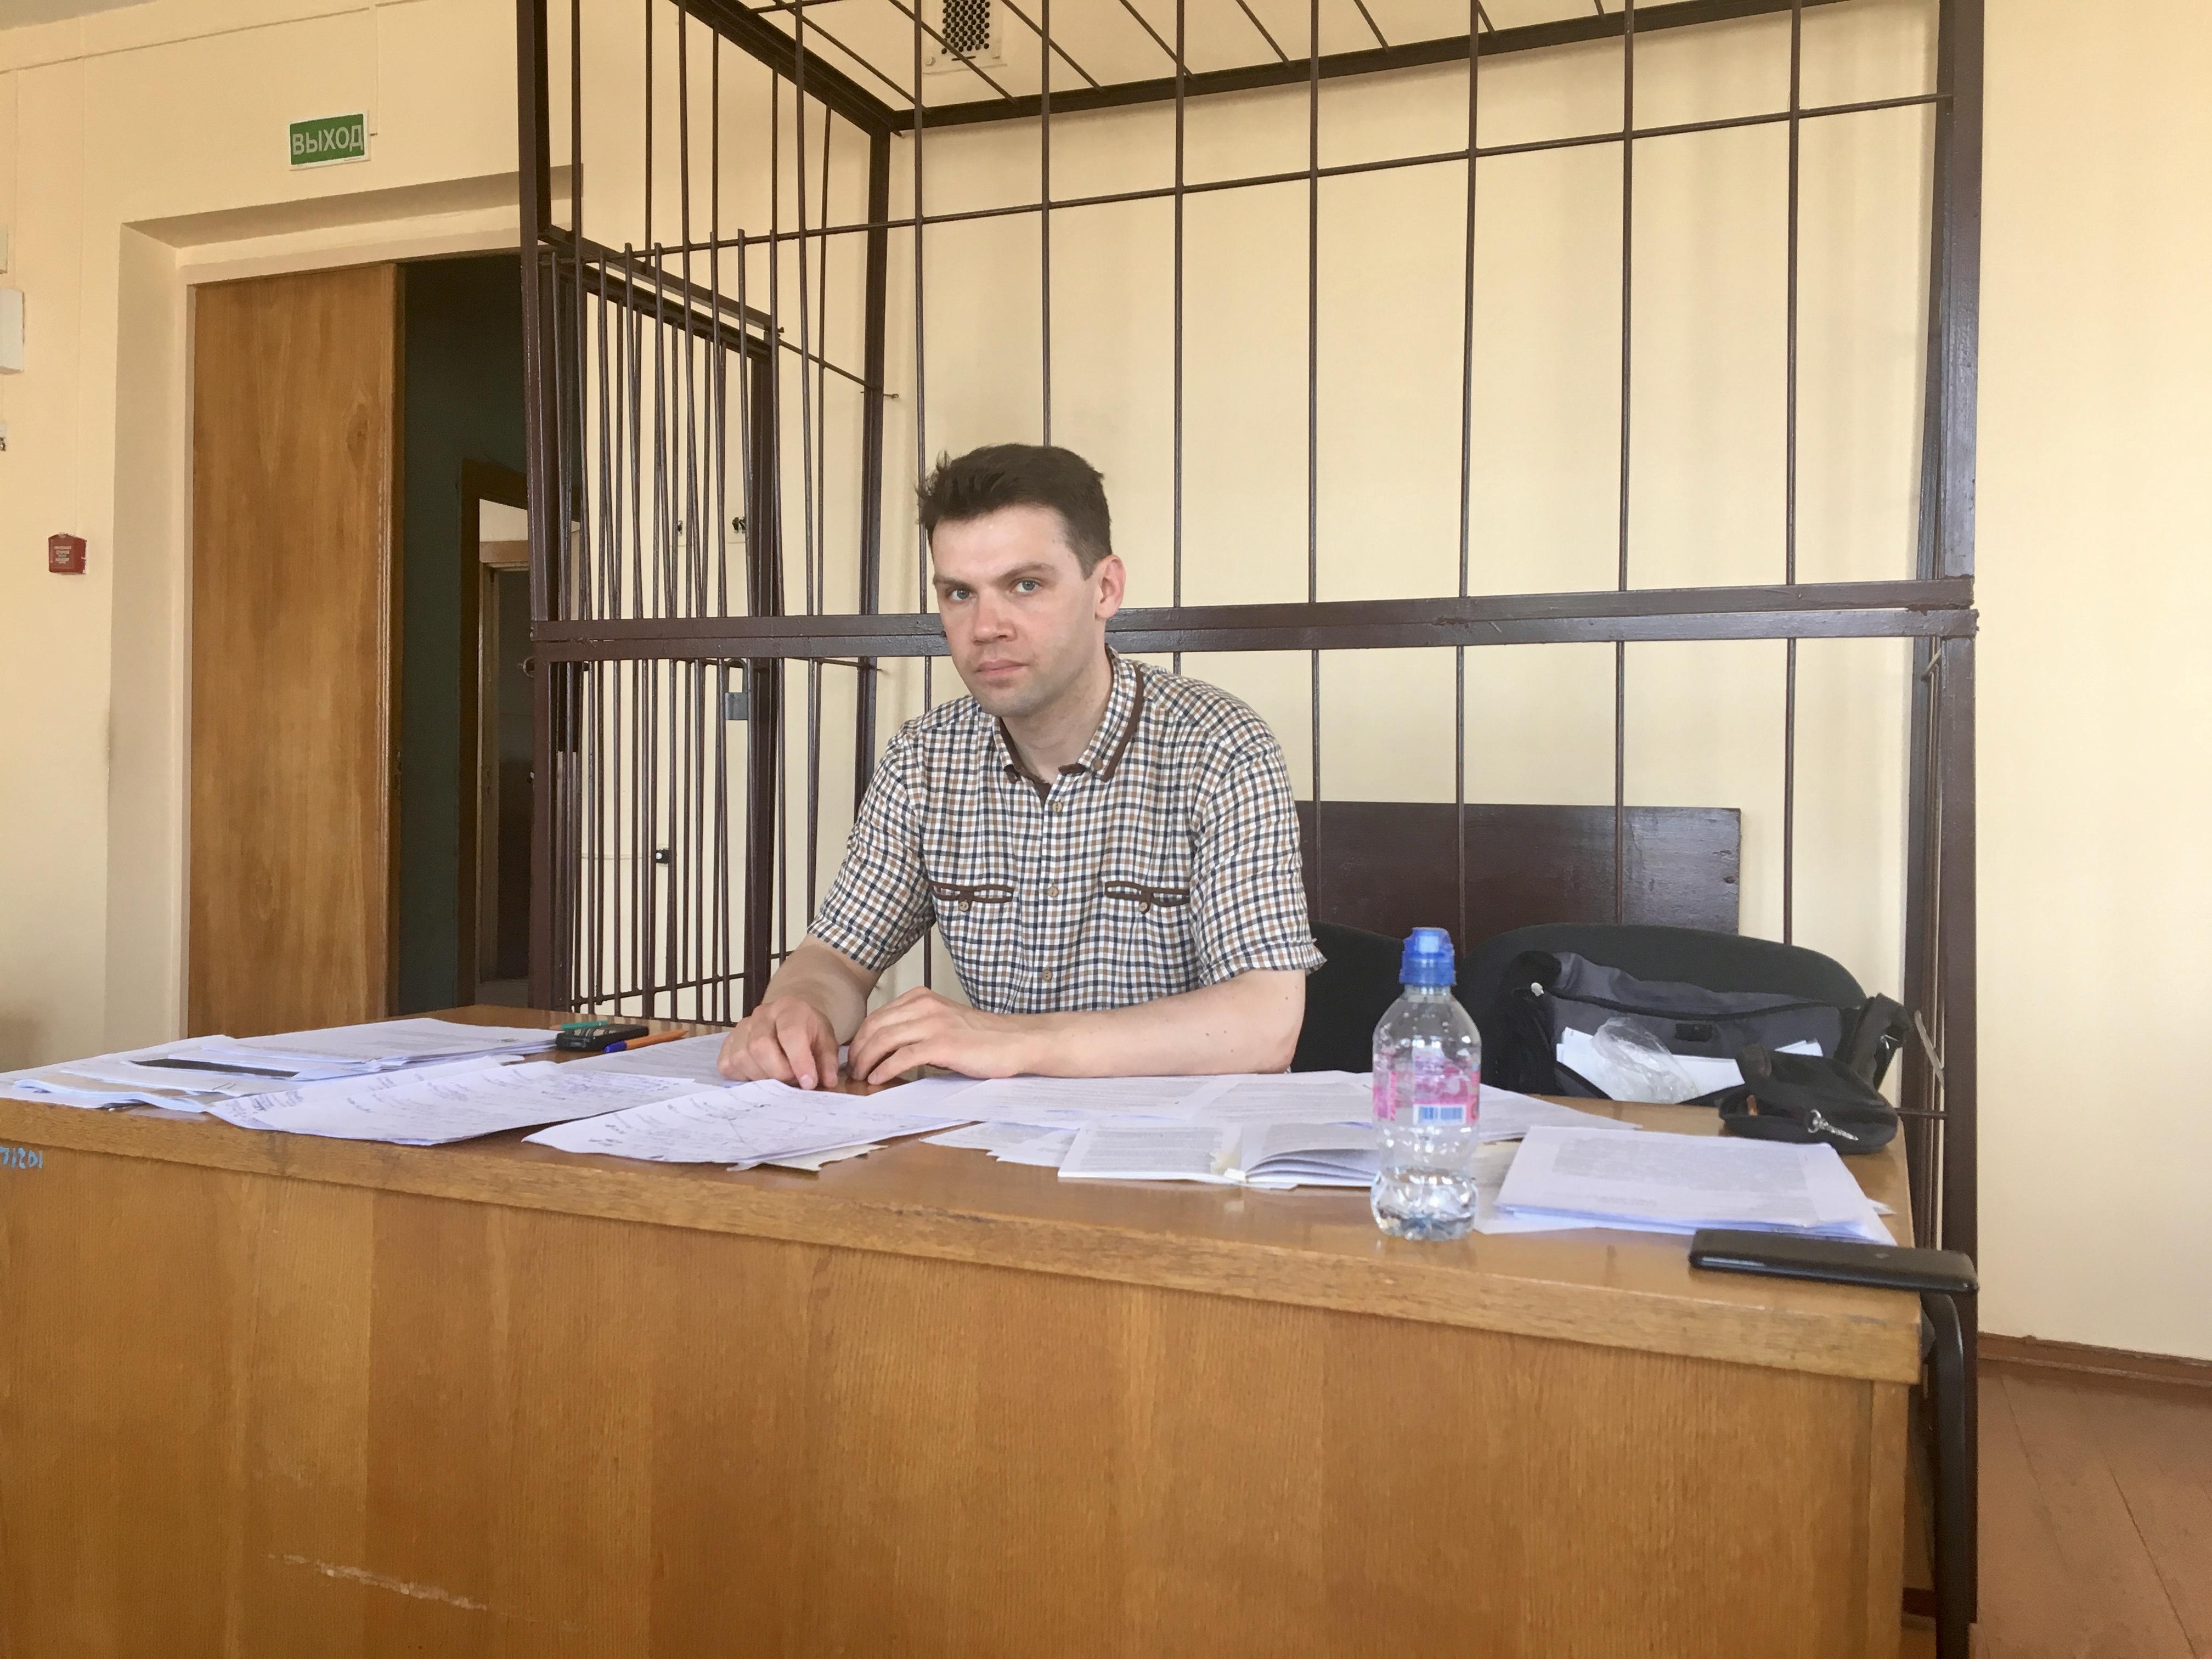 7 июня. Веслав Соколовский после судебного заседания. Фото: Екатерина БУБЕН